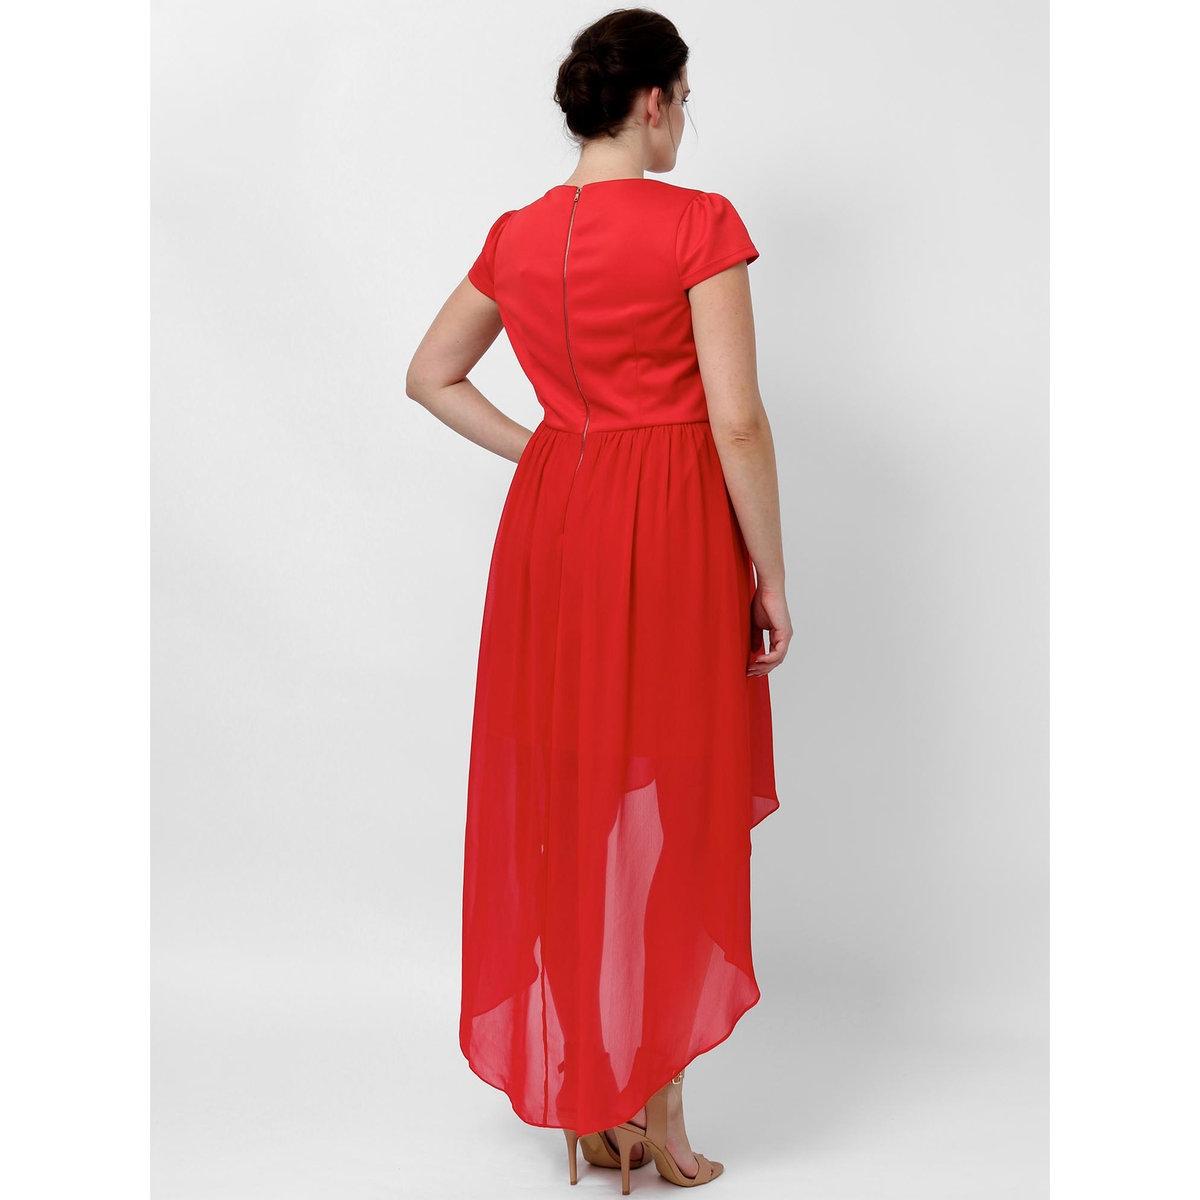 Платье длинноеПлатье с короткими рукавами KOKO BY KOKO. Узор спереди . Прозрачный эффект внизу платья. Длина ок. 145 см.. 100% полиэстера<br><br>Цвет: красный<br>Размер: 58/60 (FR) - 64/66 (RUS).44 (FR) - 50 (RUS)